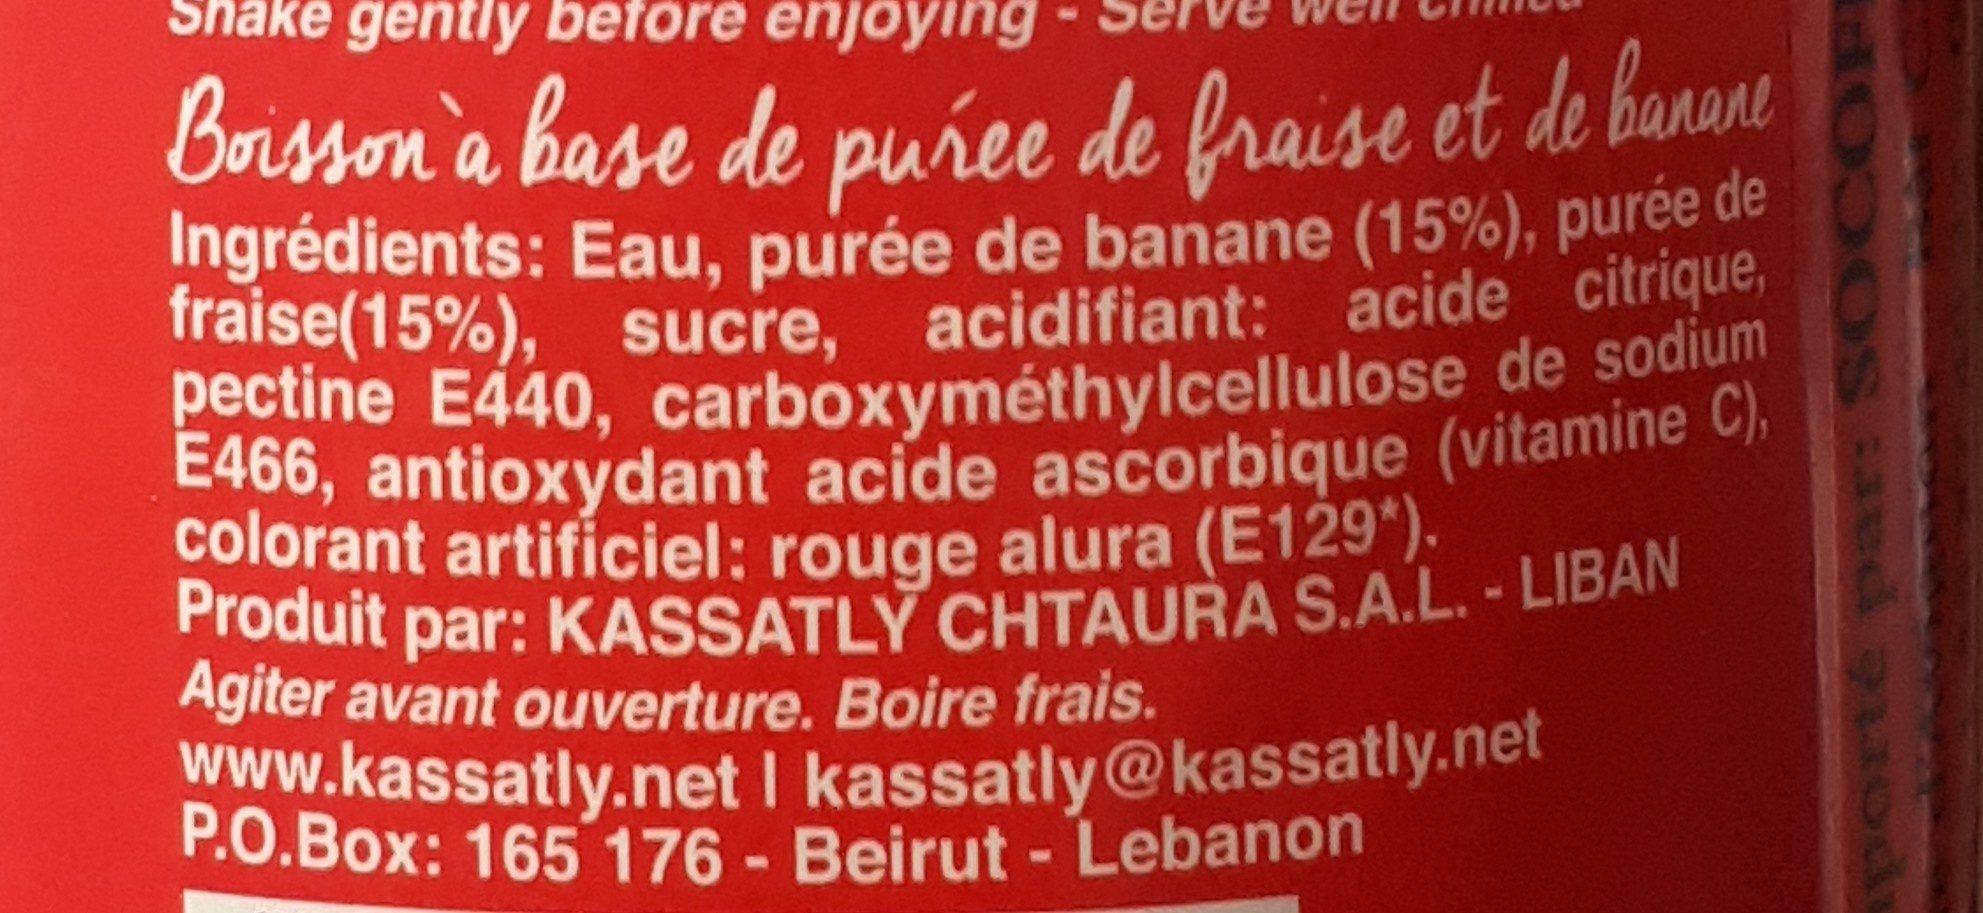 Boisson a base de purée de fraise et banane - Ingrédients